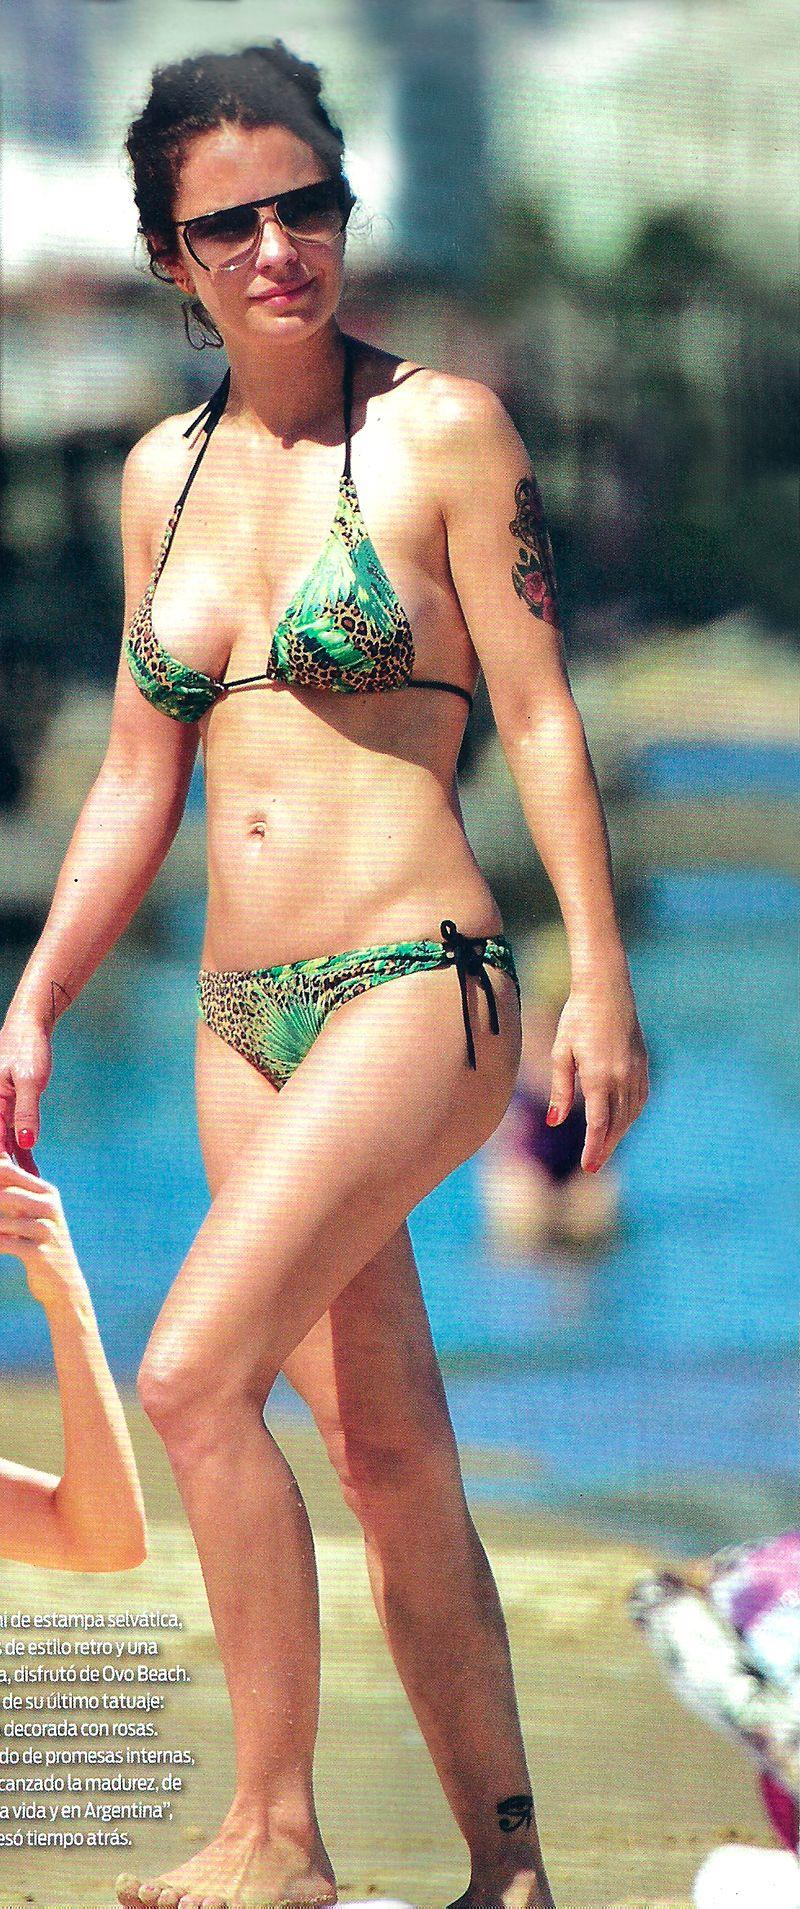 Las vacaciones de Dolores Fonzi con sus hijos: playa y bikini en Punta del Este